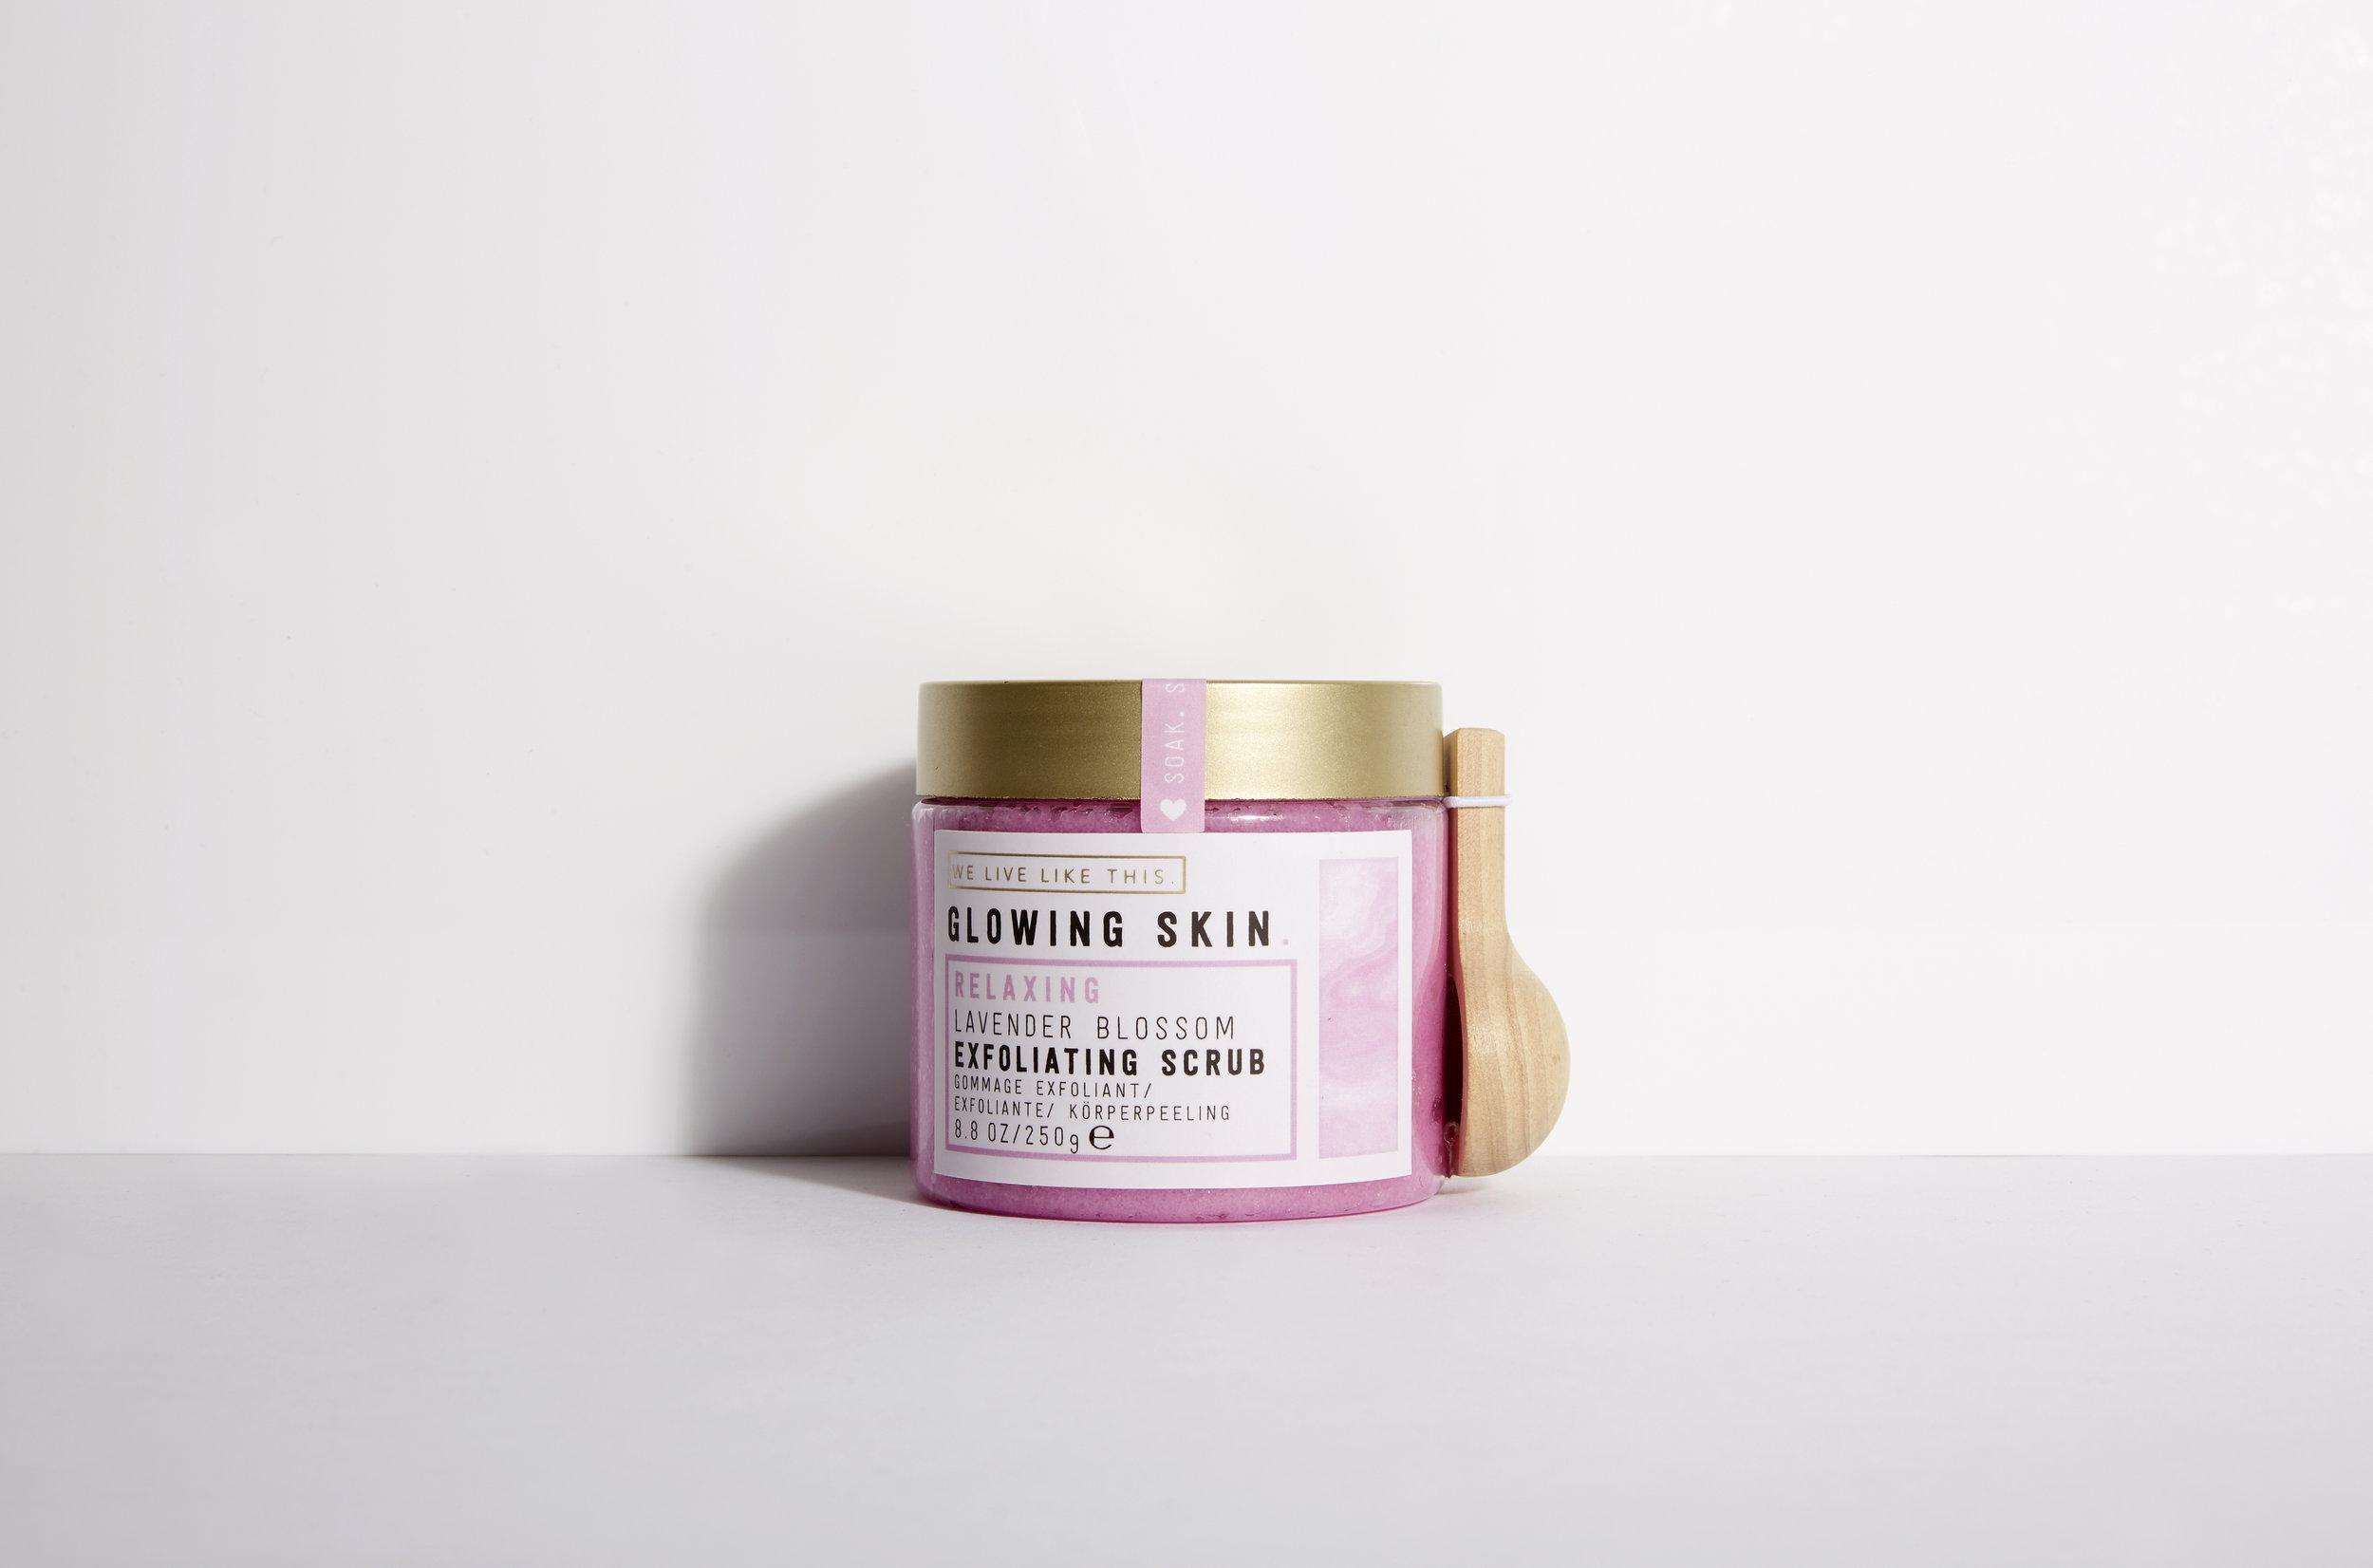 Vivona Beauty product photography